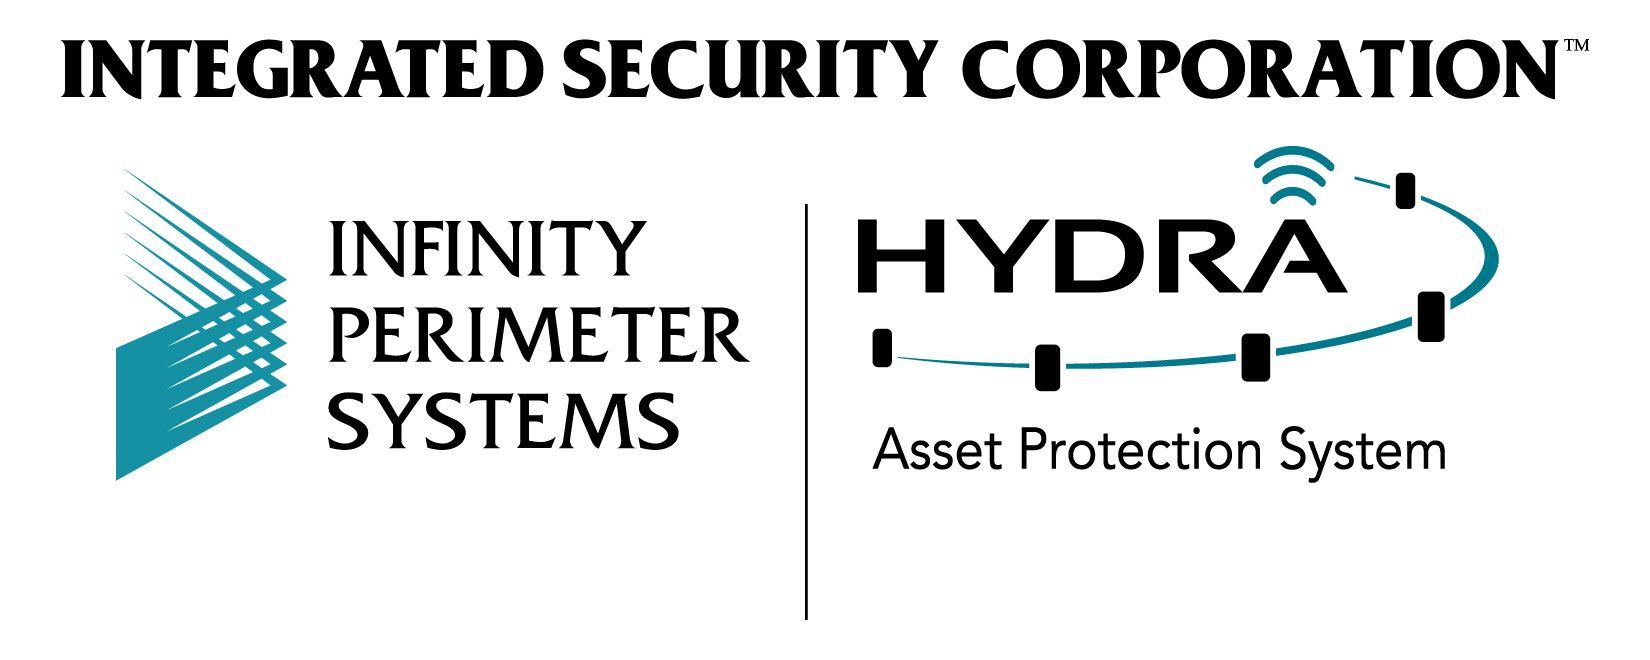 Société de sécurité intégrée